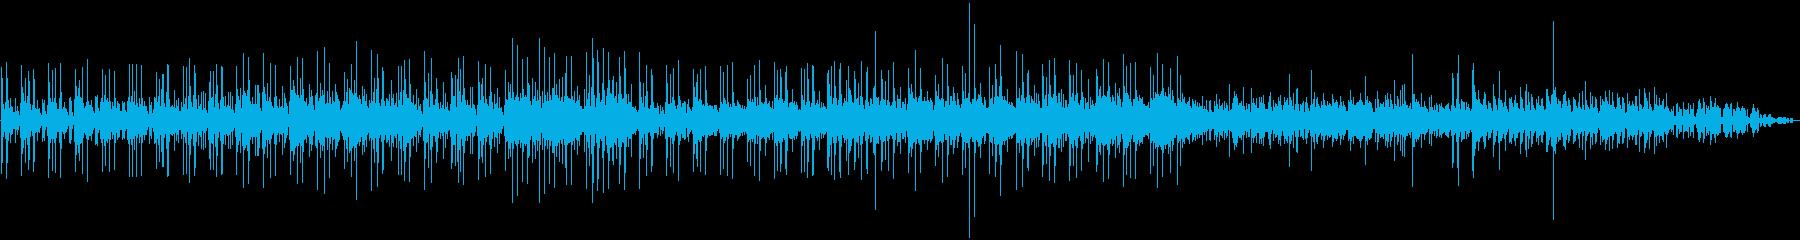 ドラム&シンセベースのミニマルテクノの再生済みの波形